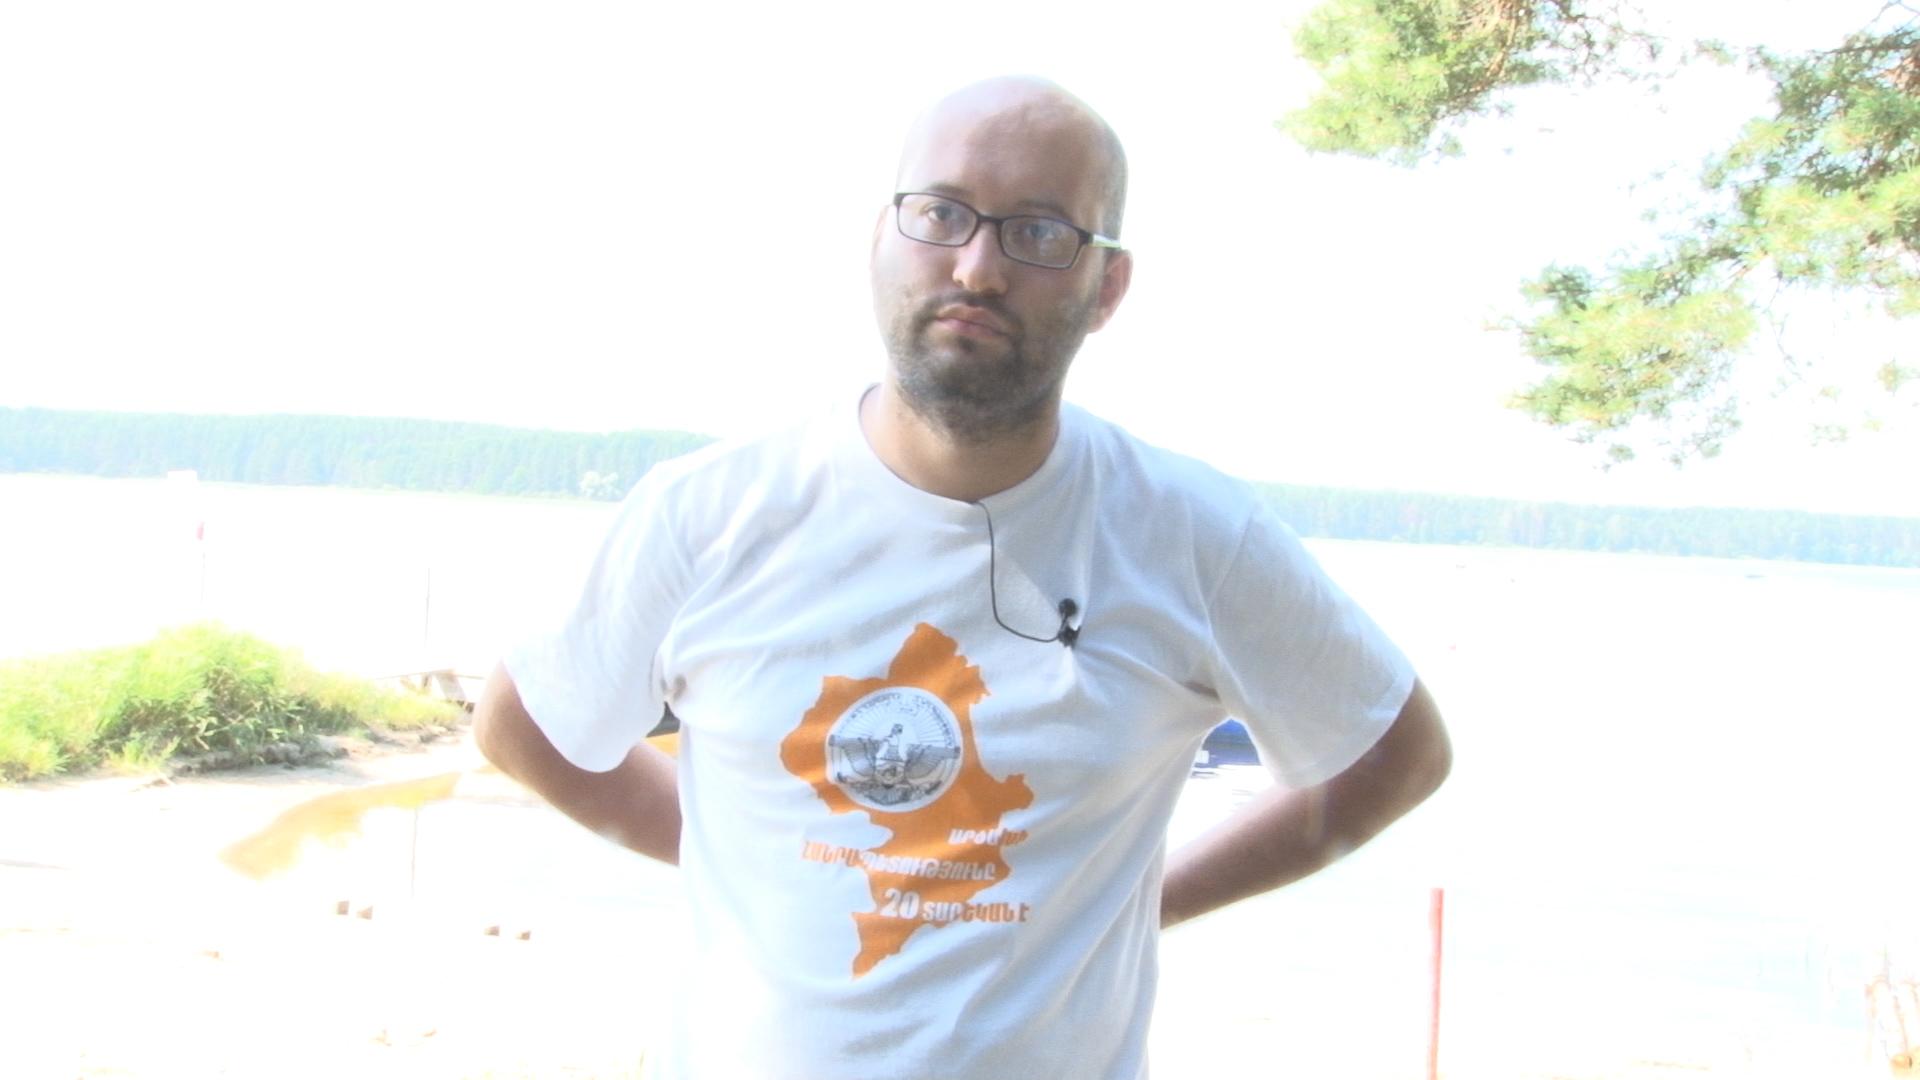 Илья Азар о приглашении оппозиции на Селигер: «Понять это невозможно» #селигер2012